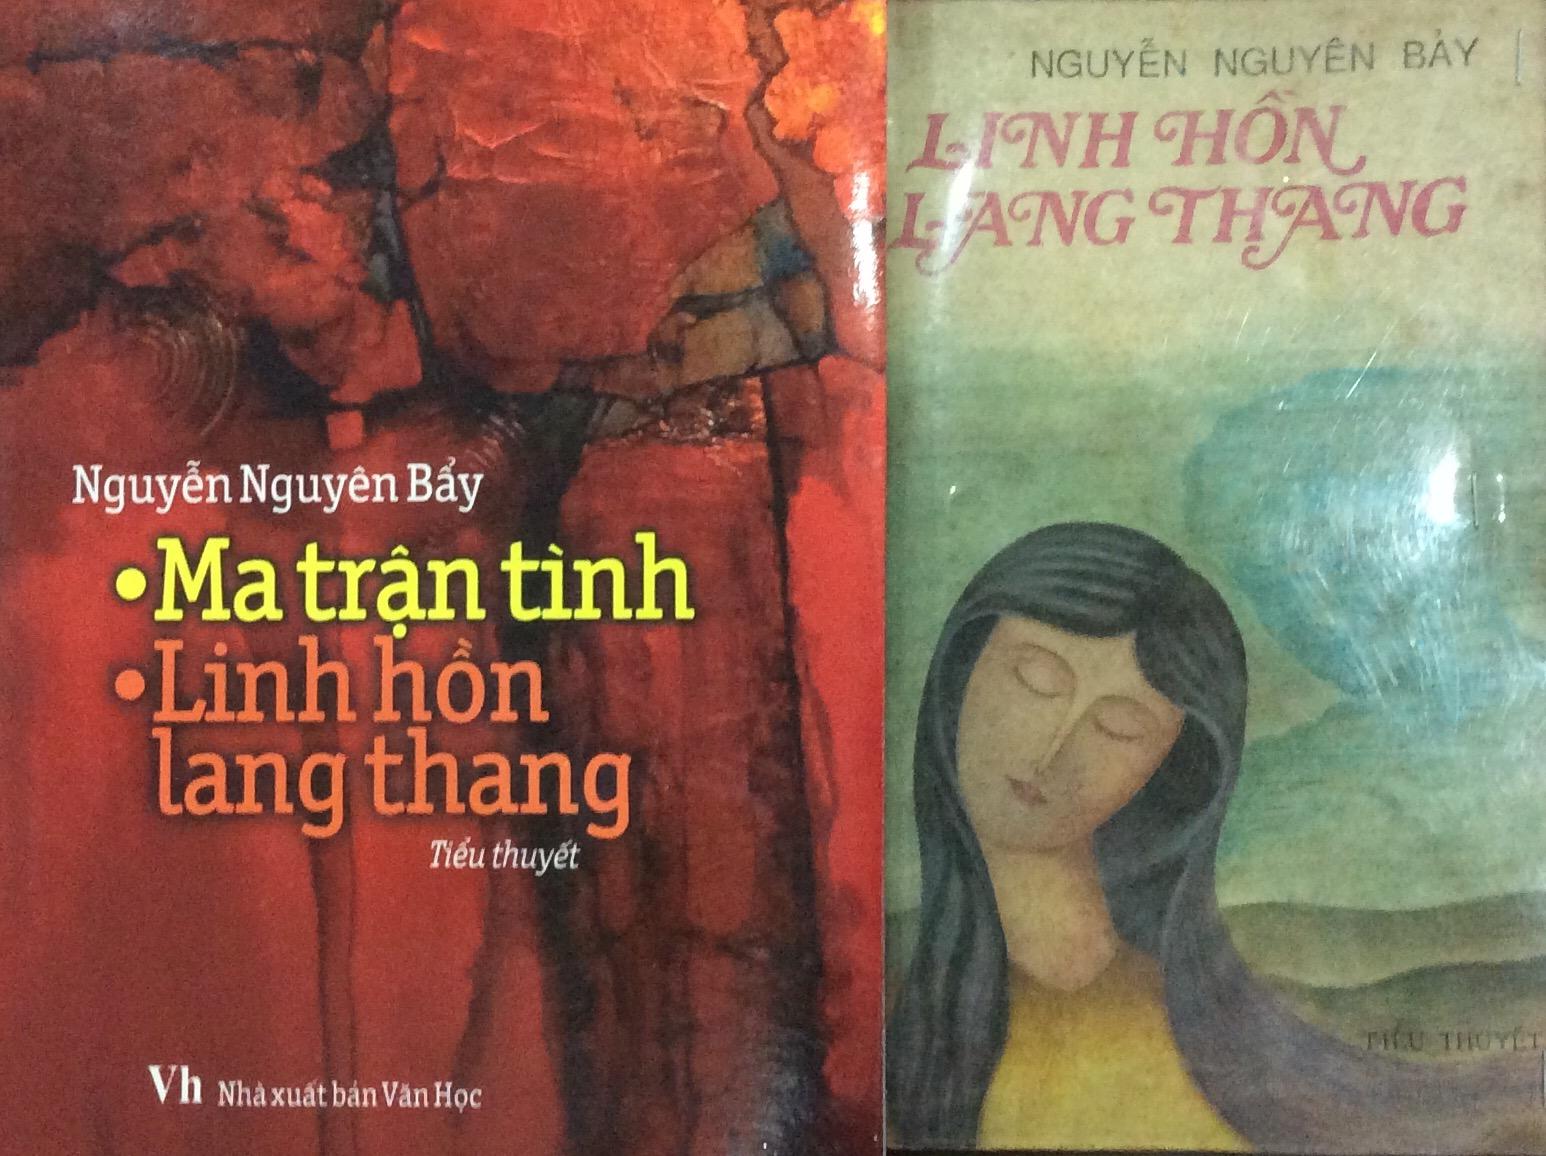 MA TRẬN TÌNH & LINH HỒN LANG THANG